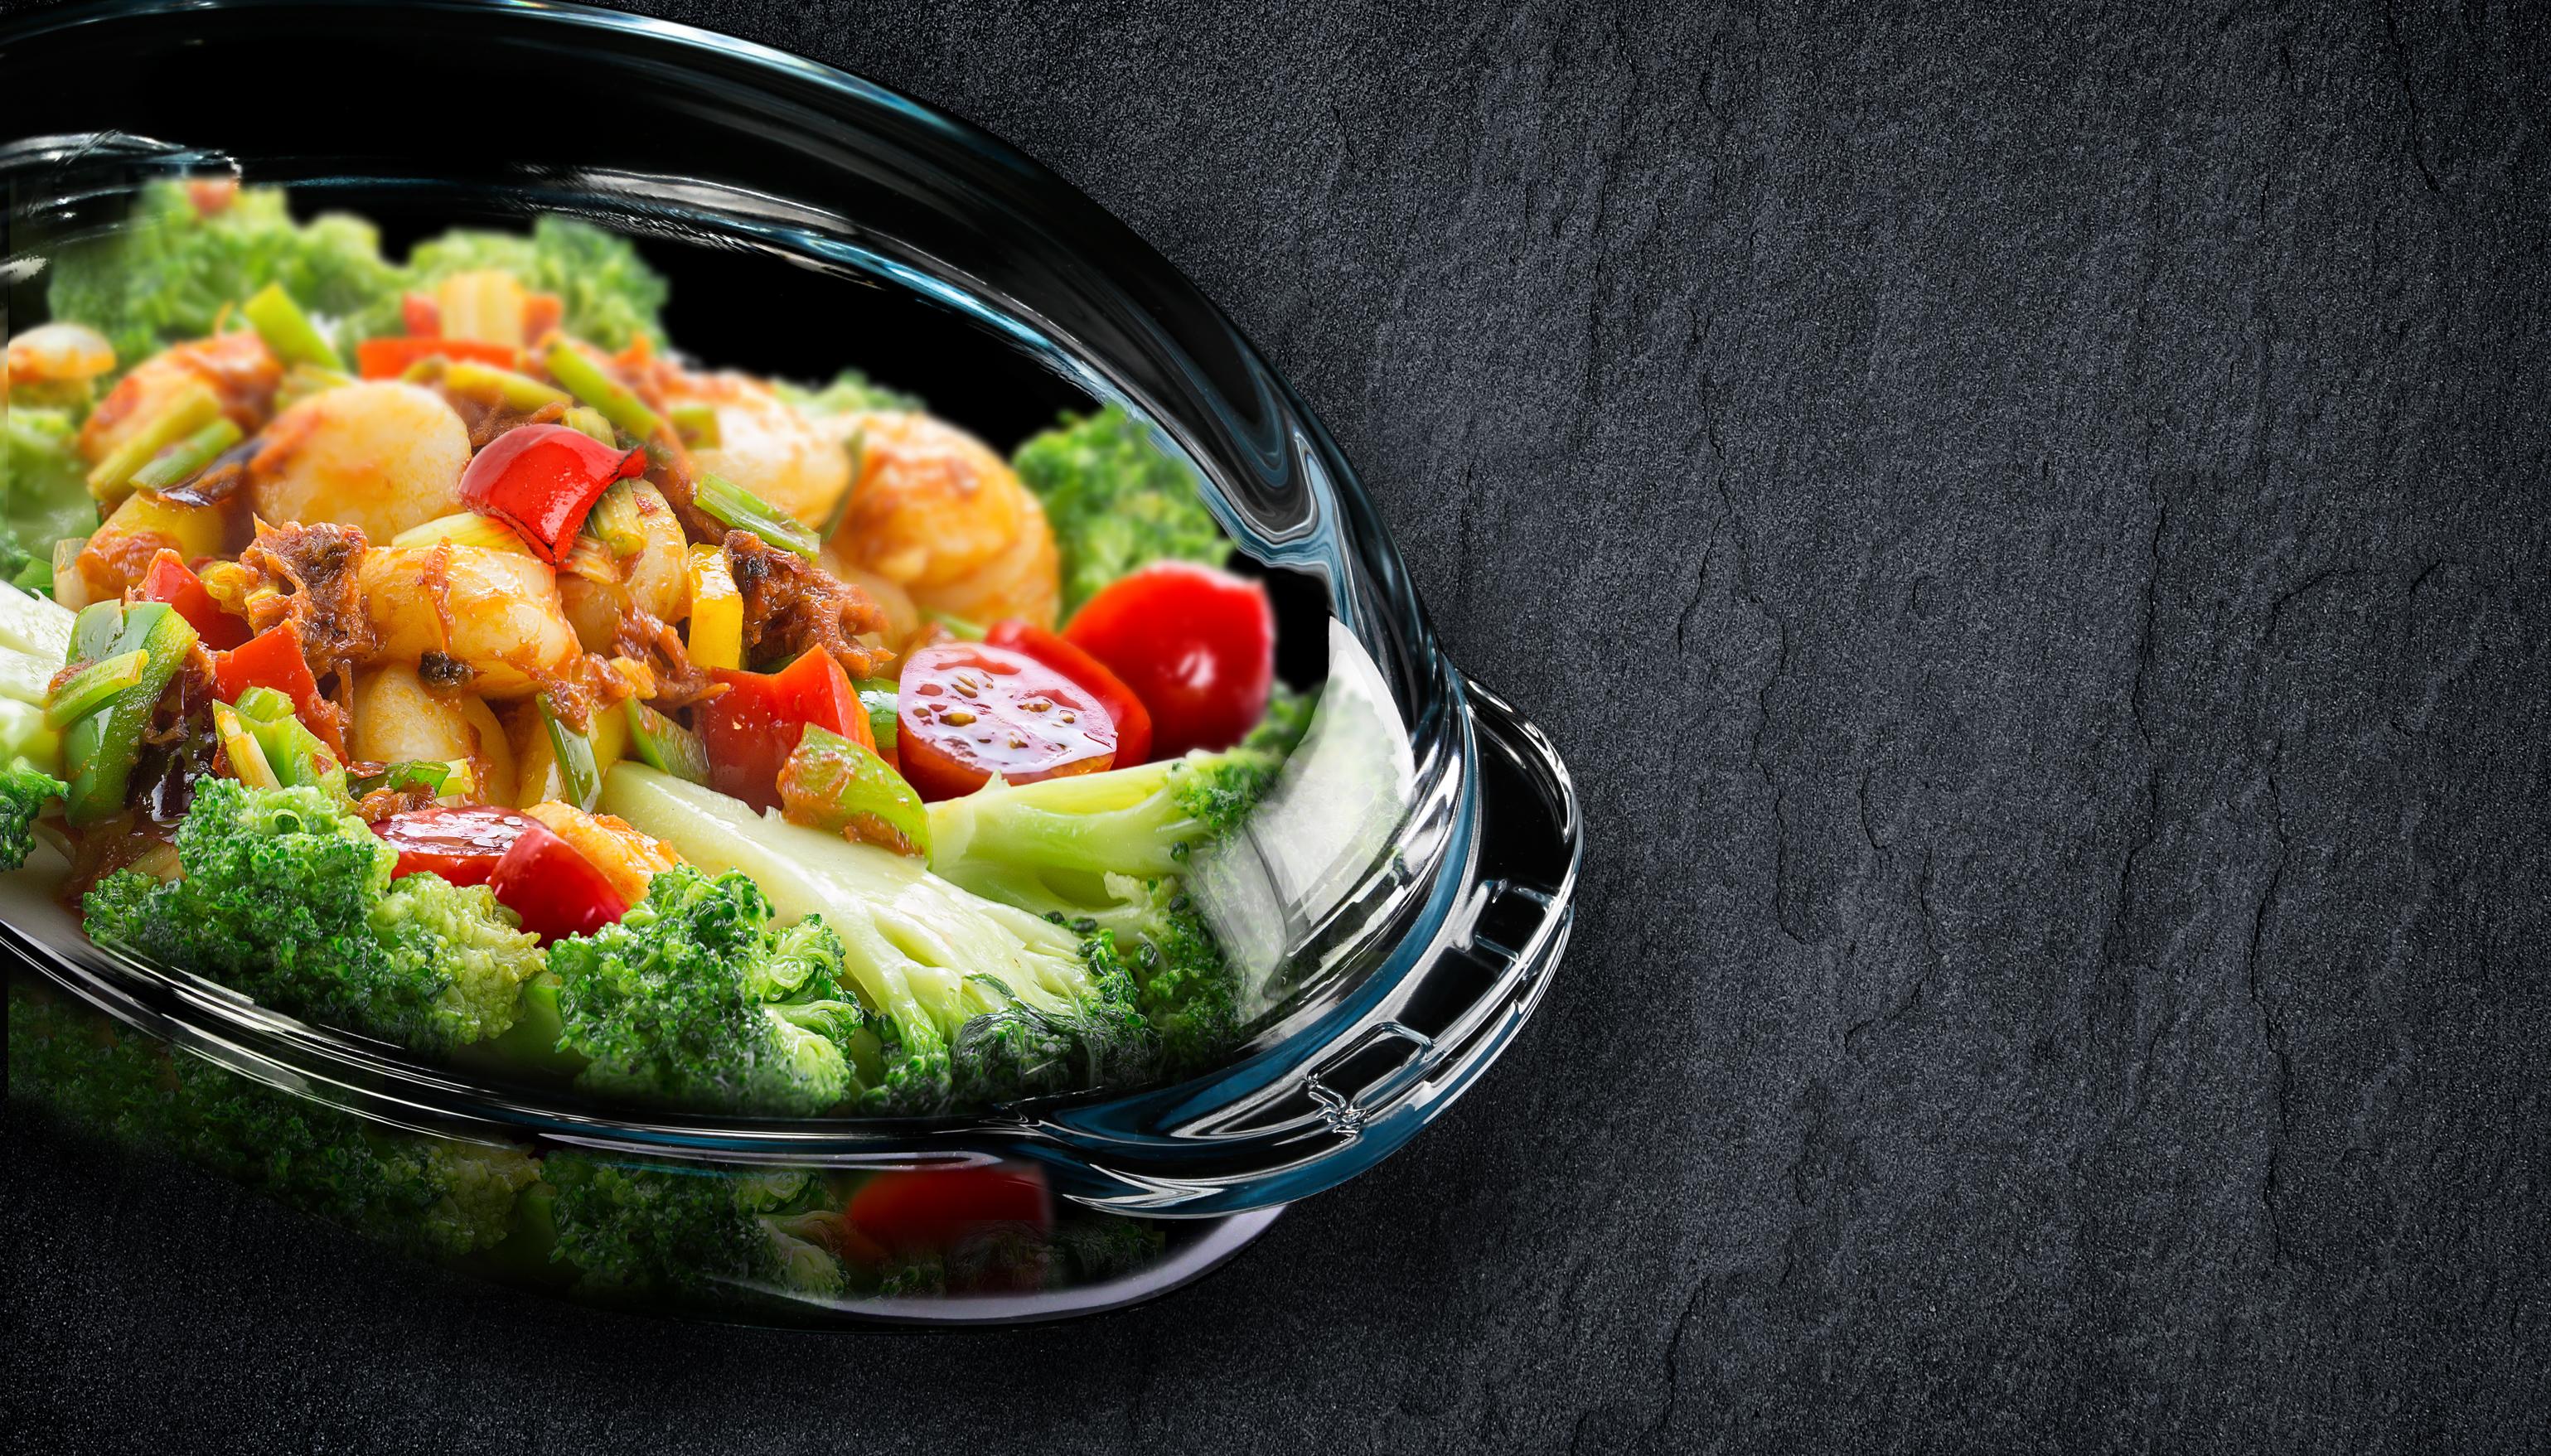 smacznie-zdrowo-i-estetycznie-czyli-dania-w-naczyniach-zaroodpornych